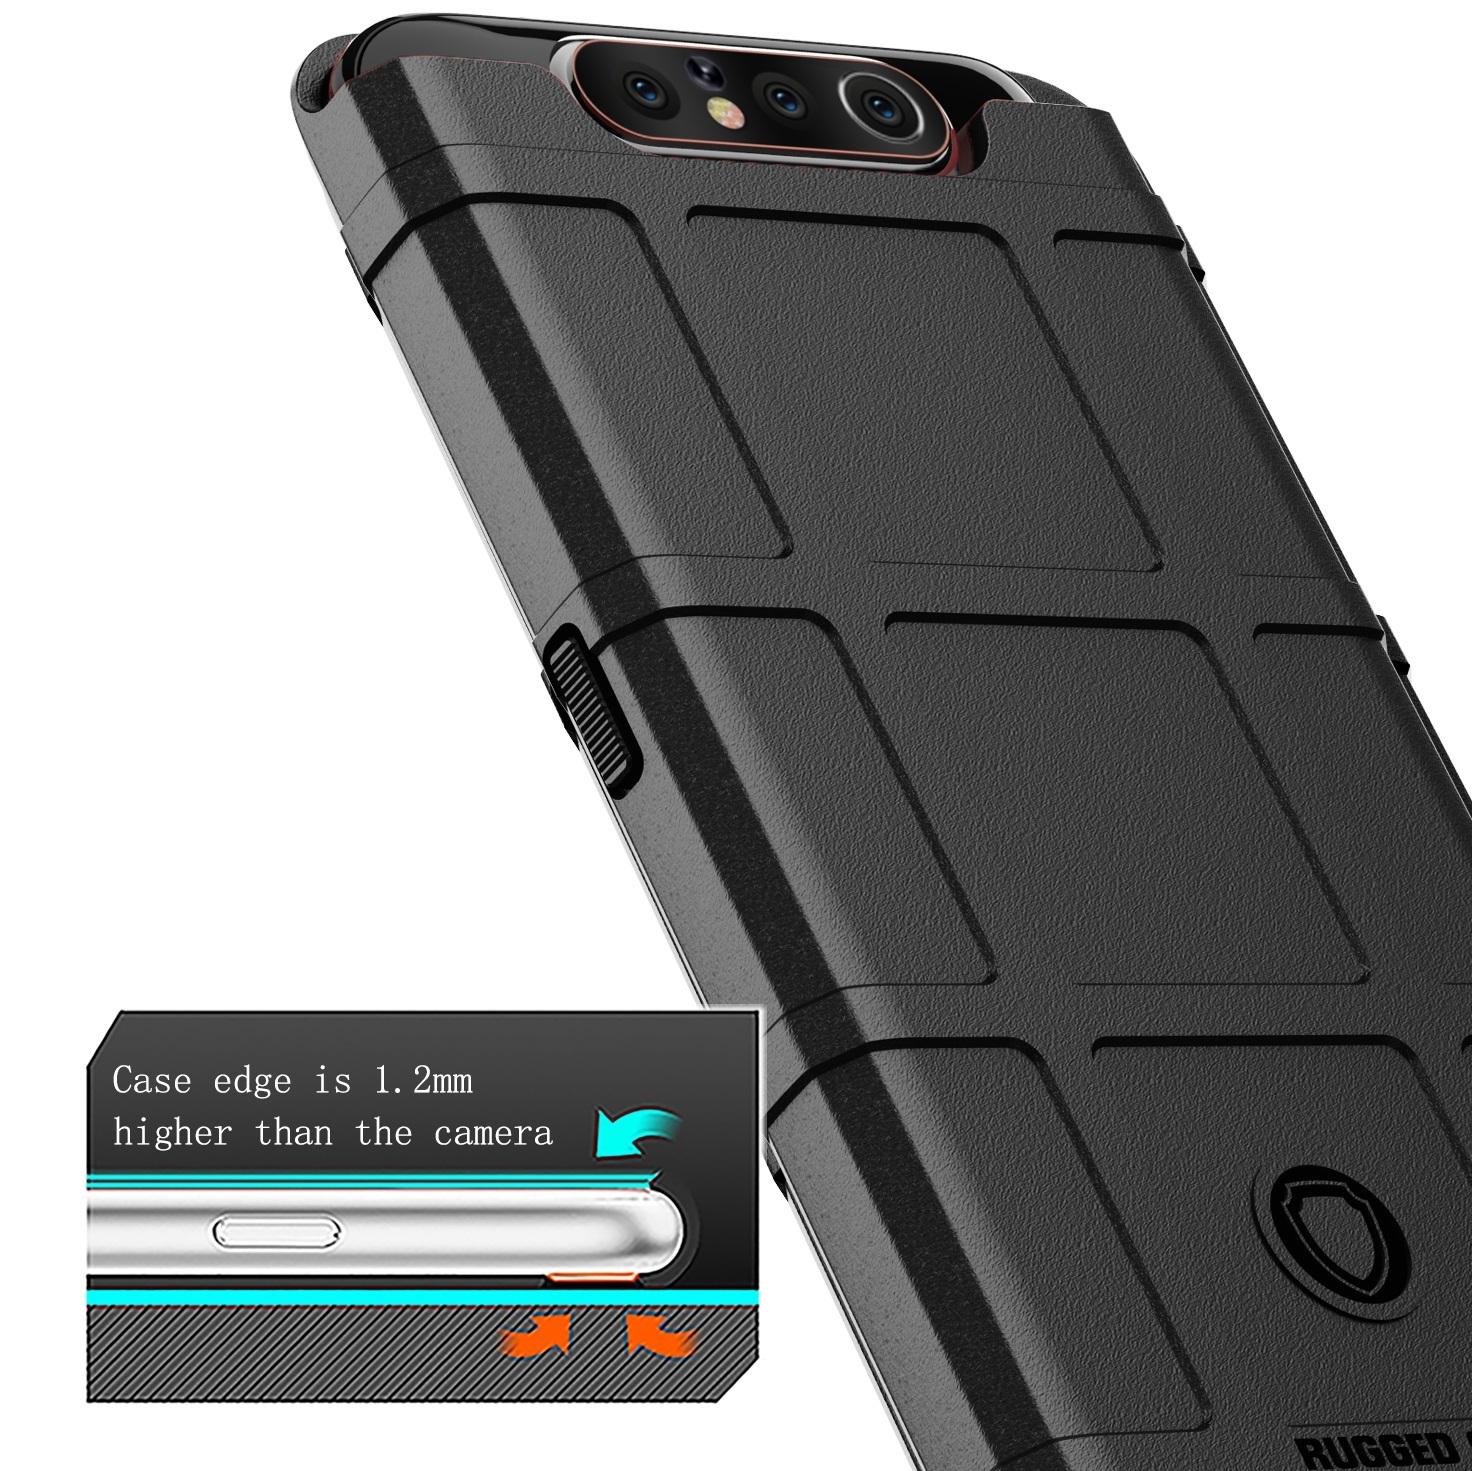 Чехол Samsung Galaxy A80 (Galaxy A90) цвет Black (черный), серия Armor, Caseport